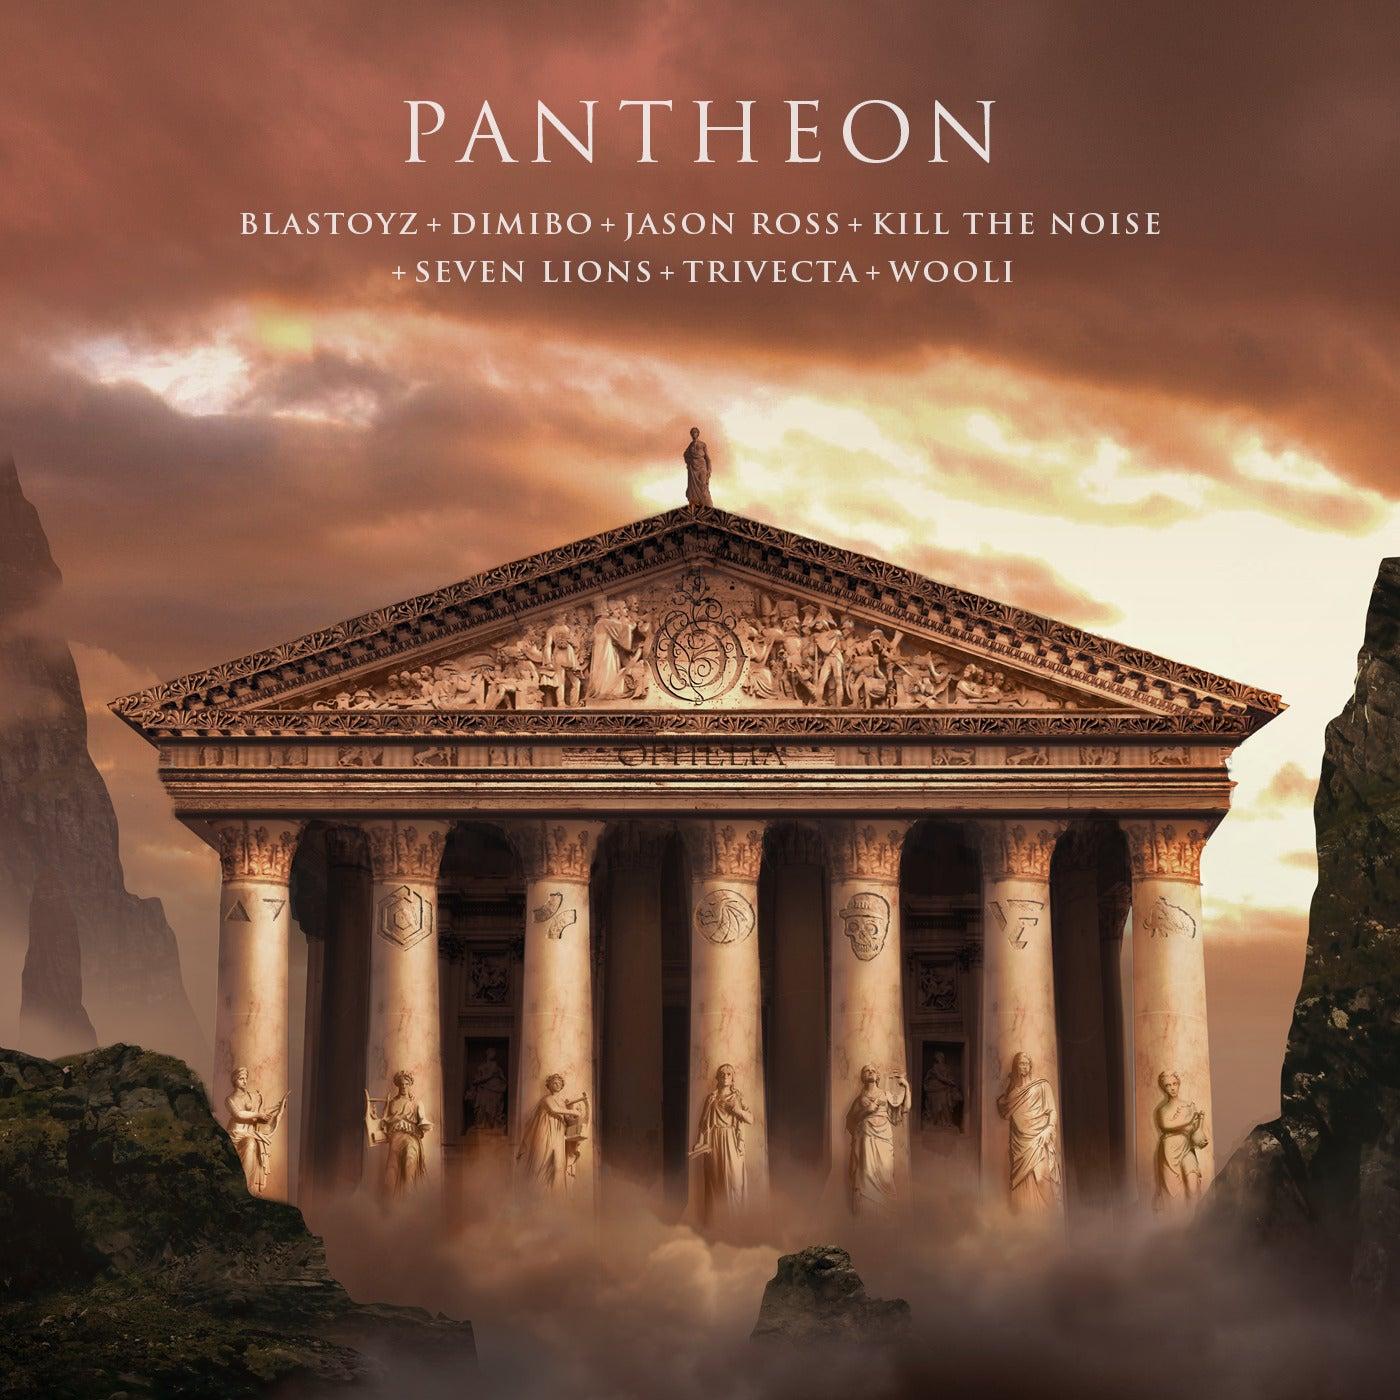 Pantheon (Original Mix)